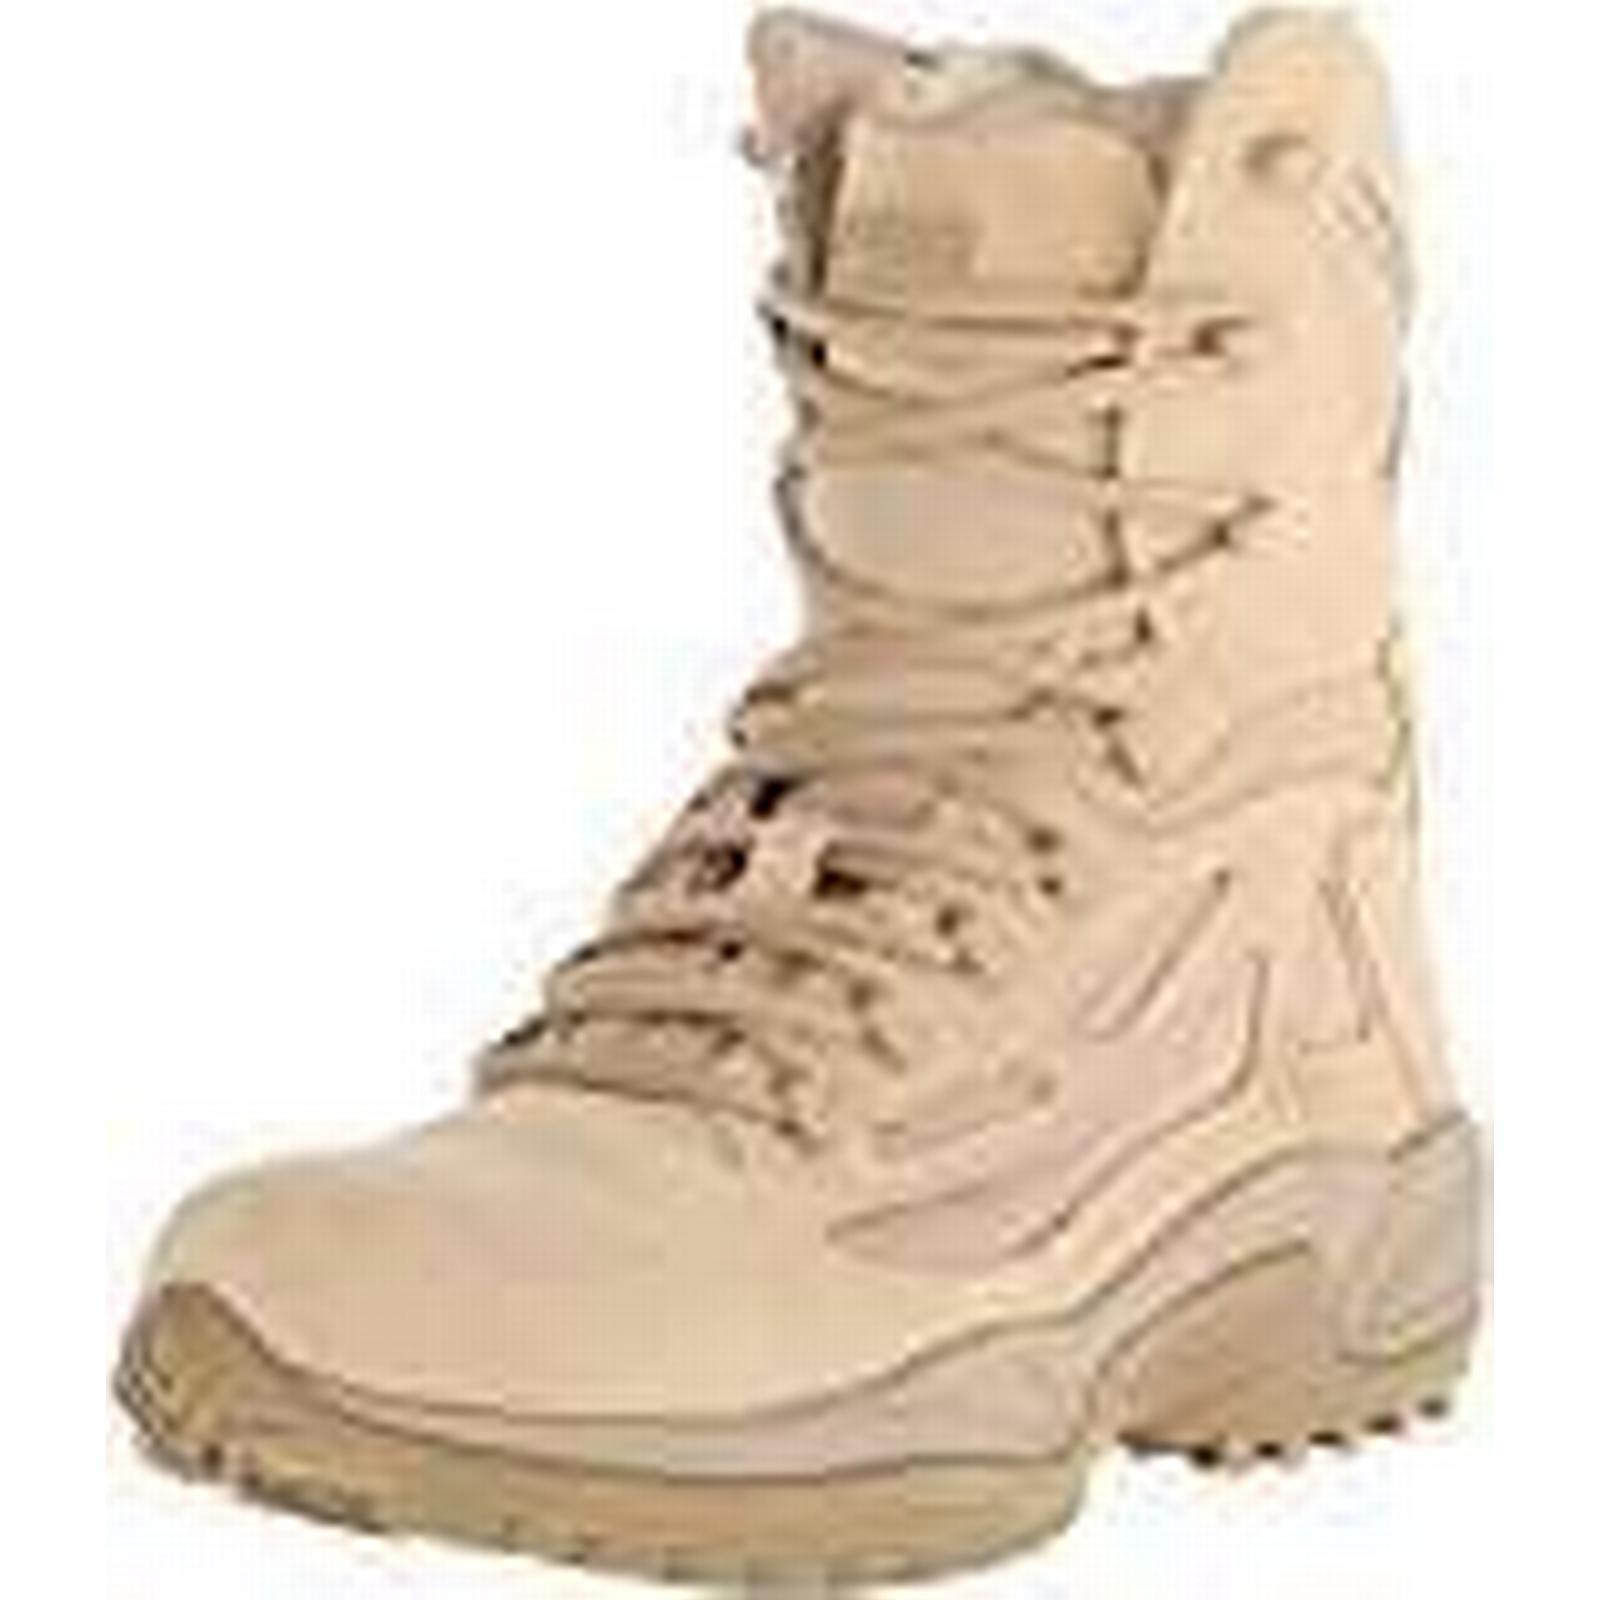 Reebok Zip Men's Rapid Response 8-Inch Zip Reebok Boots - Tan, Size 8 d5c974